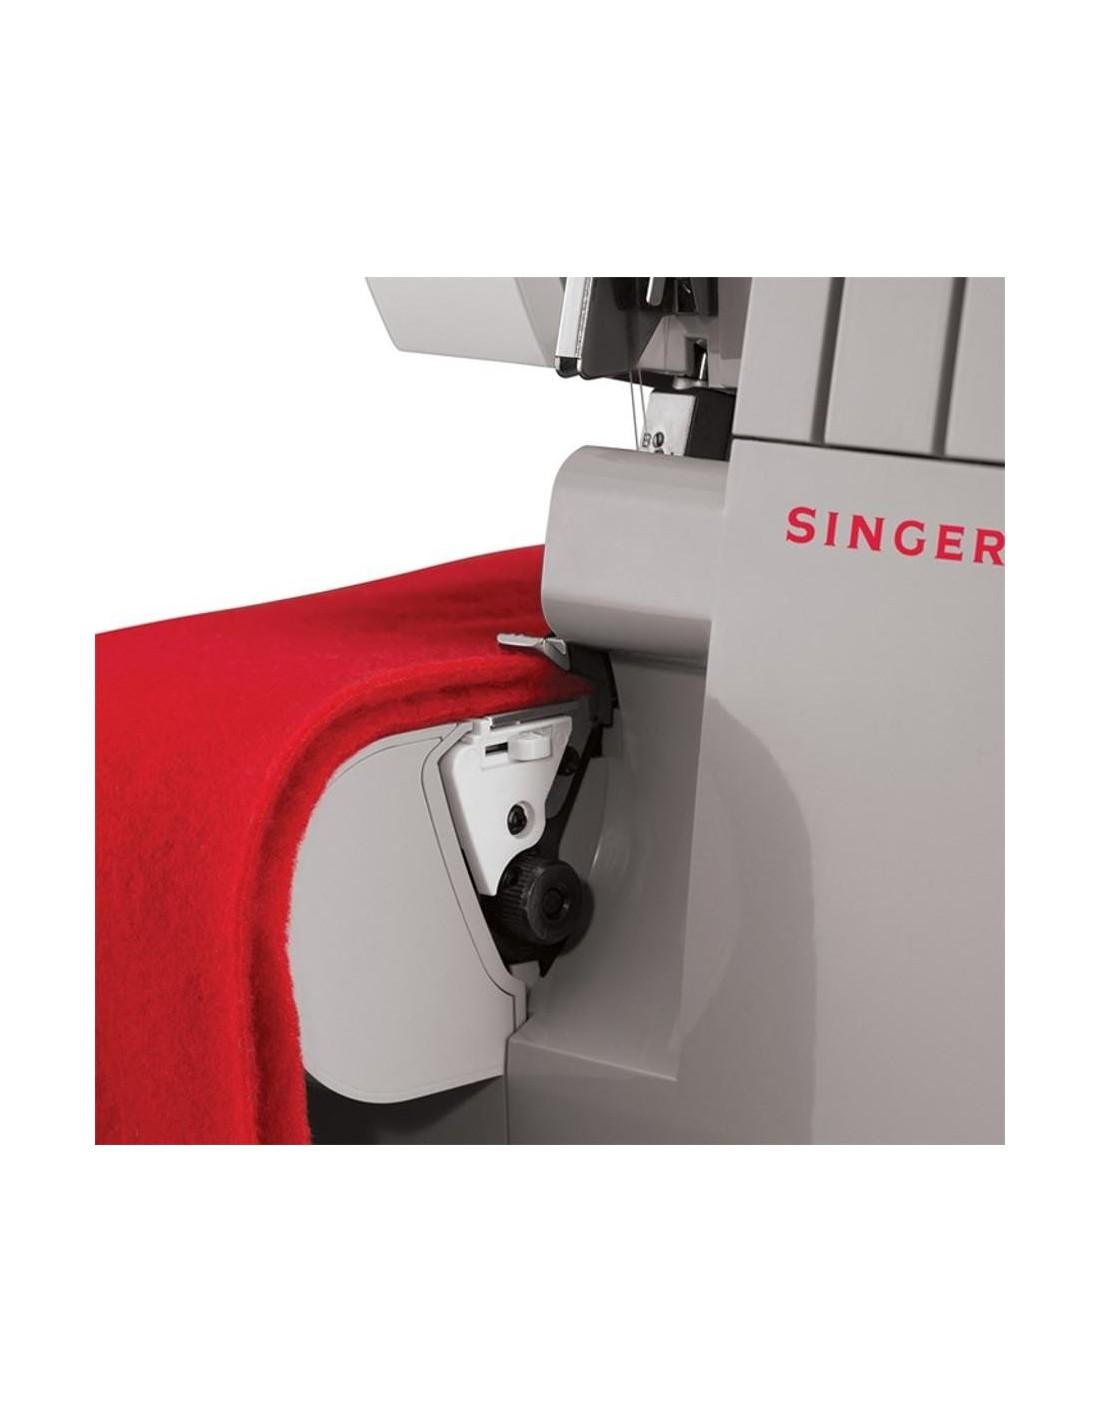 La taglia e cuci Singer sono indicate anche per tessuti spessi